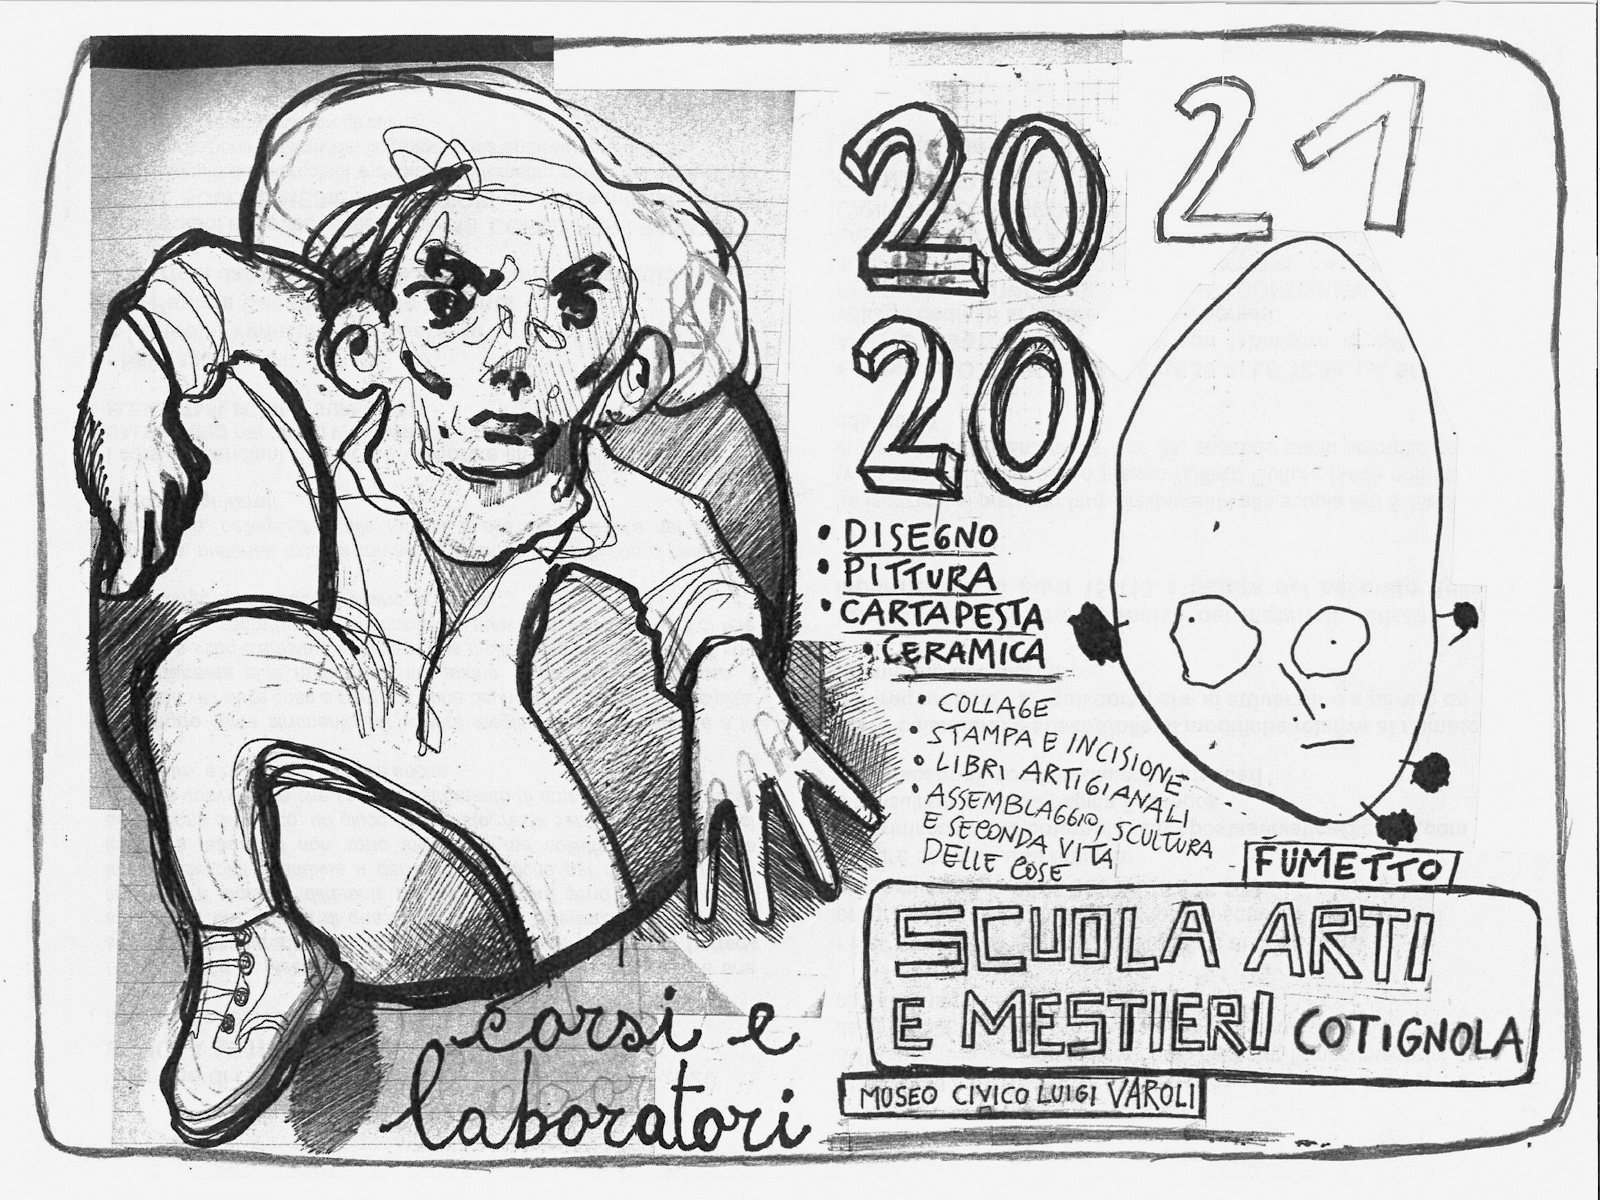 Corsi pomeridiani della Scuola Arti e Mestieri di Cotignola 2020-2021